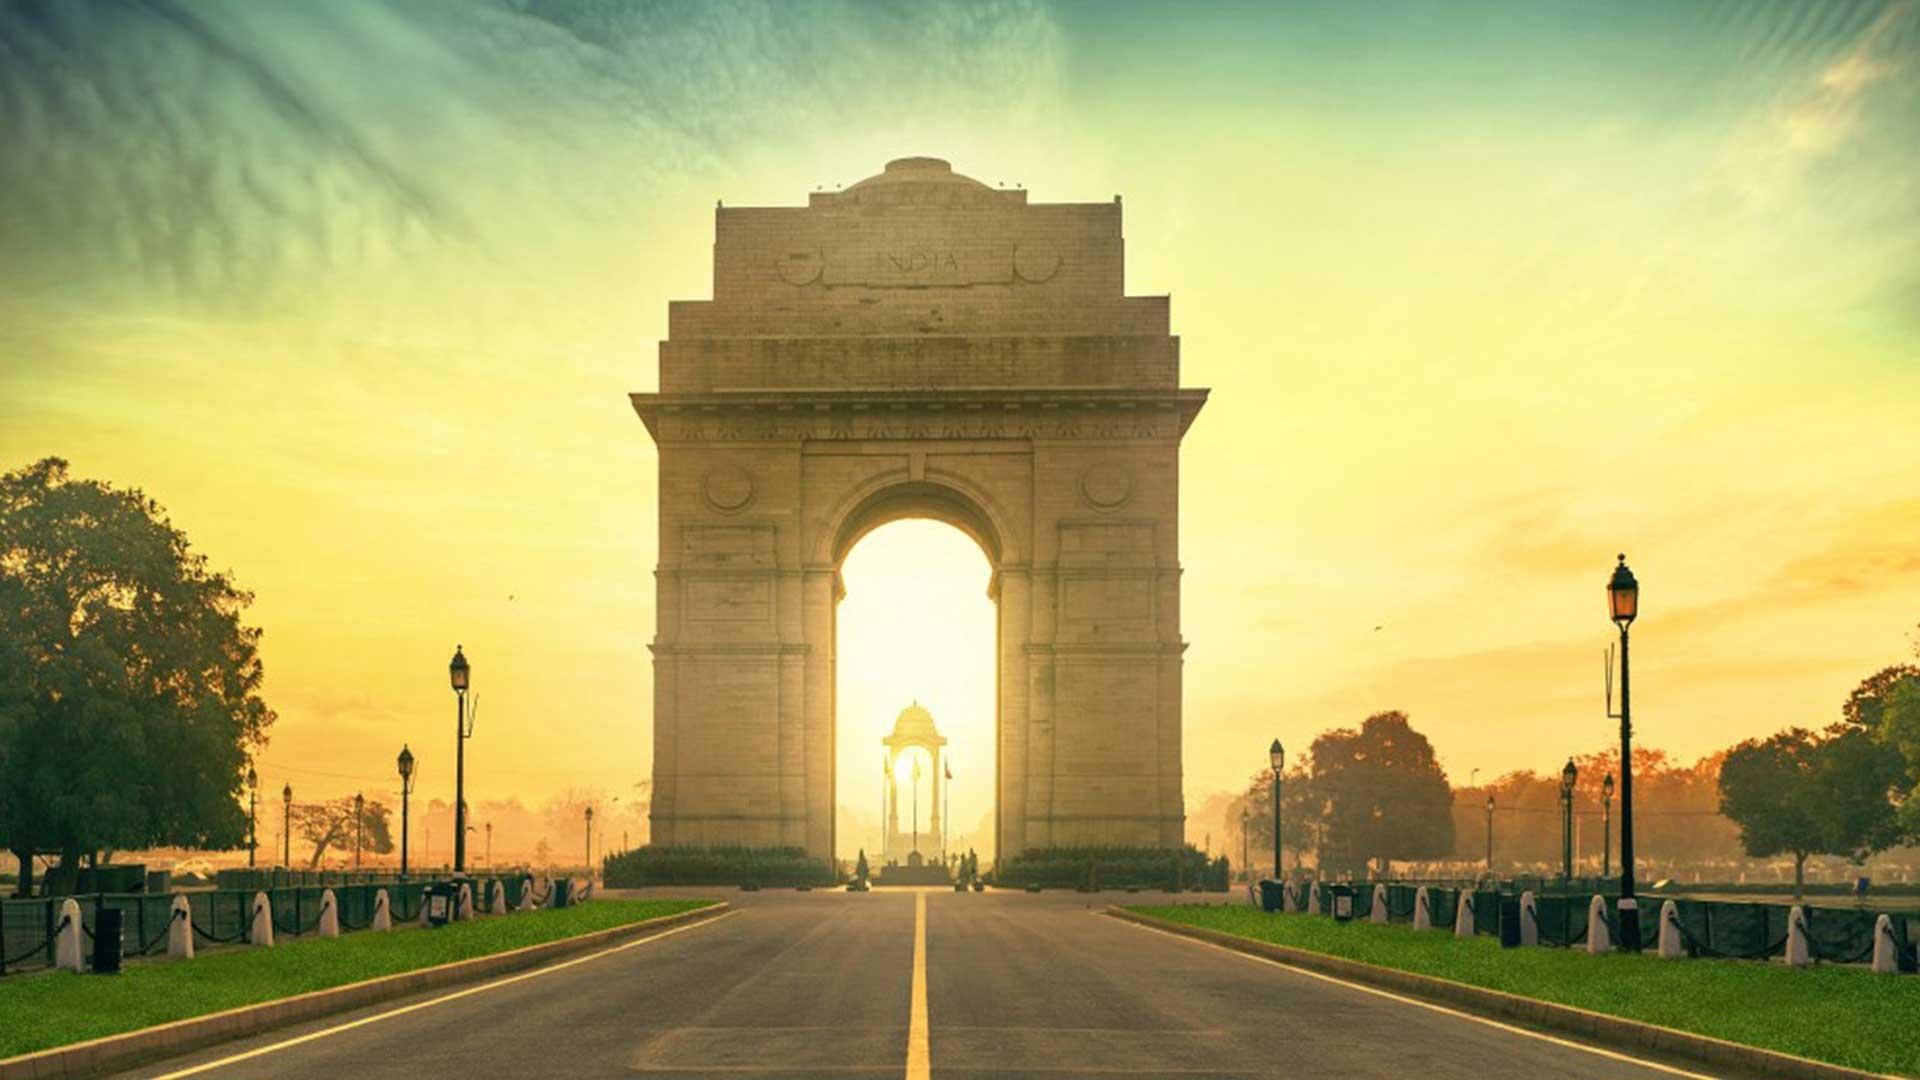 Delhi + Shimla + Manali + Chandigarh + Delhi Tour